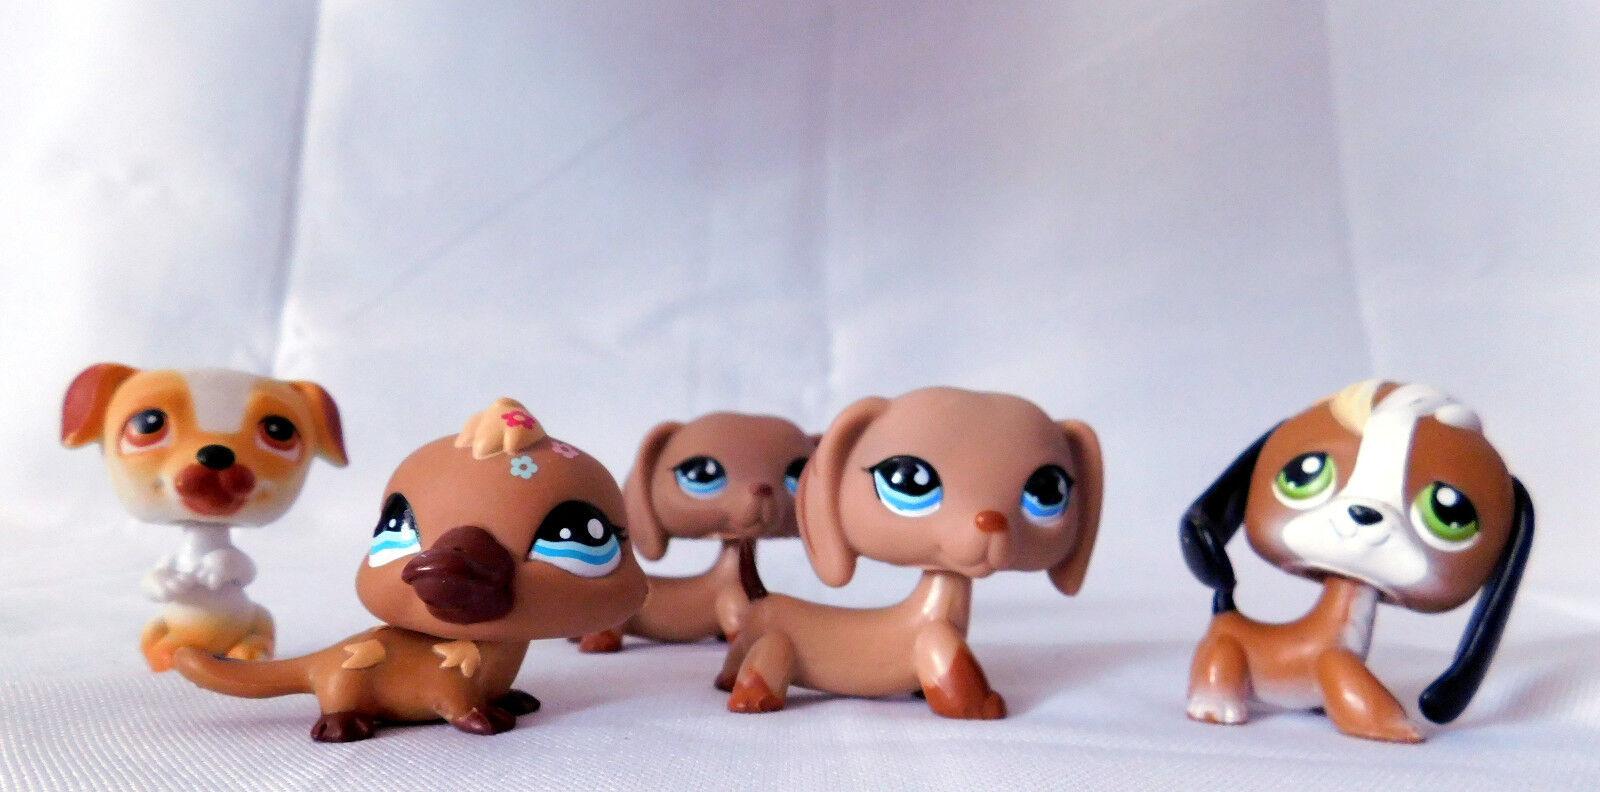 5 Littlest Pet Shop 2 Daschunds bluee Eyes + Beagle Platypus PUppy